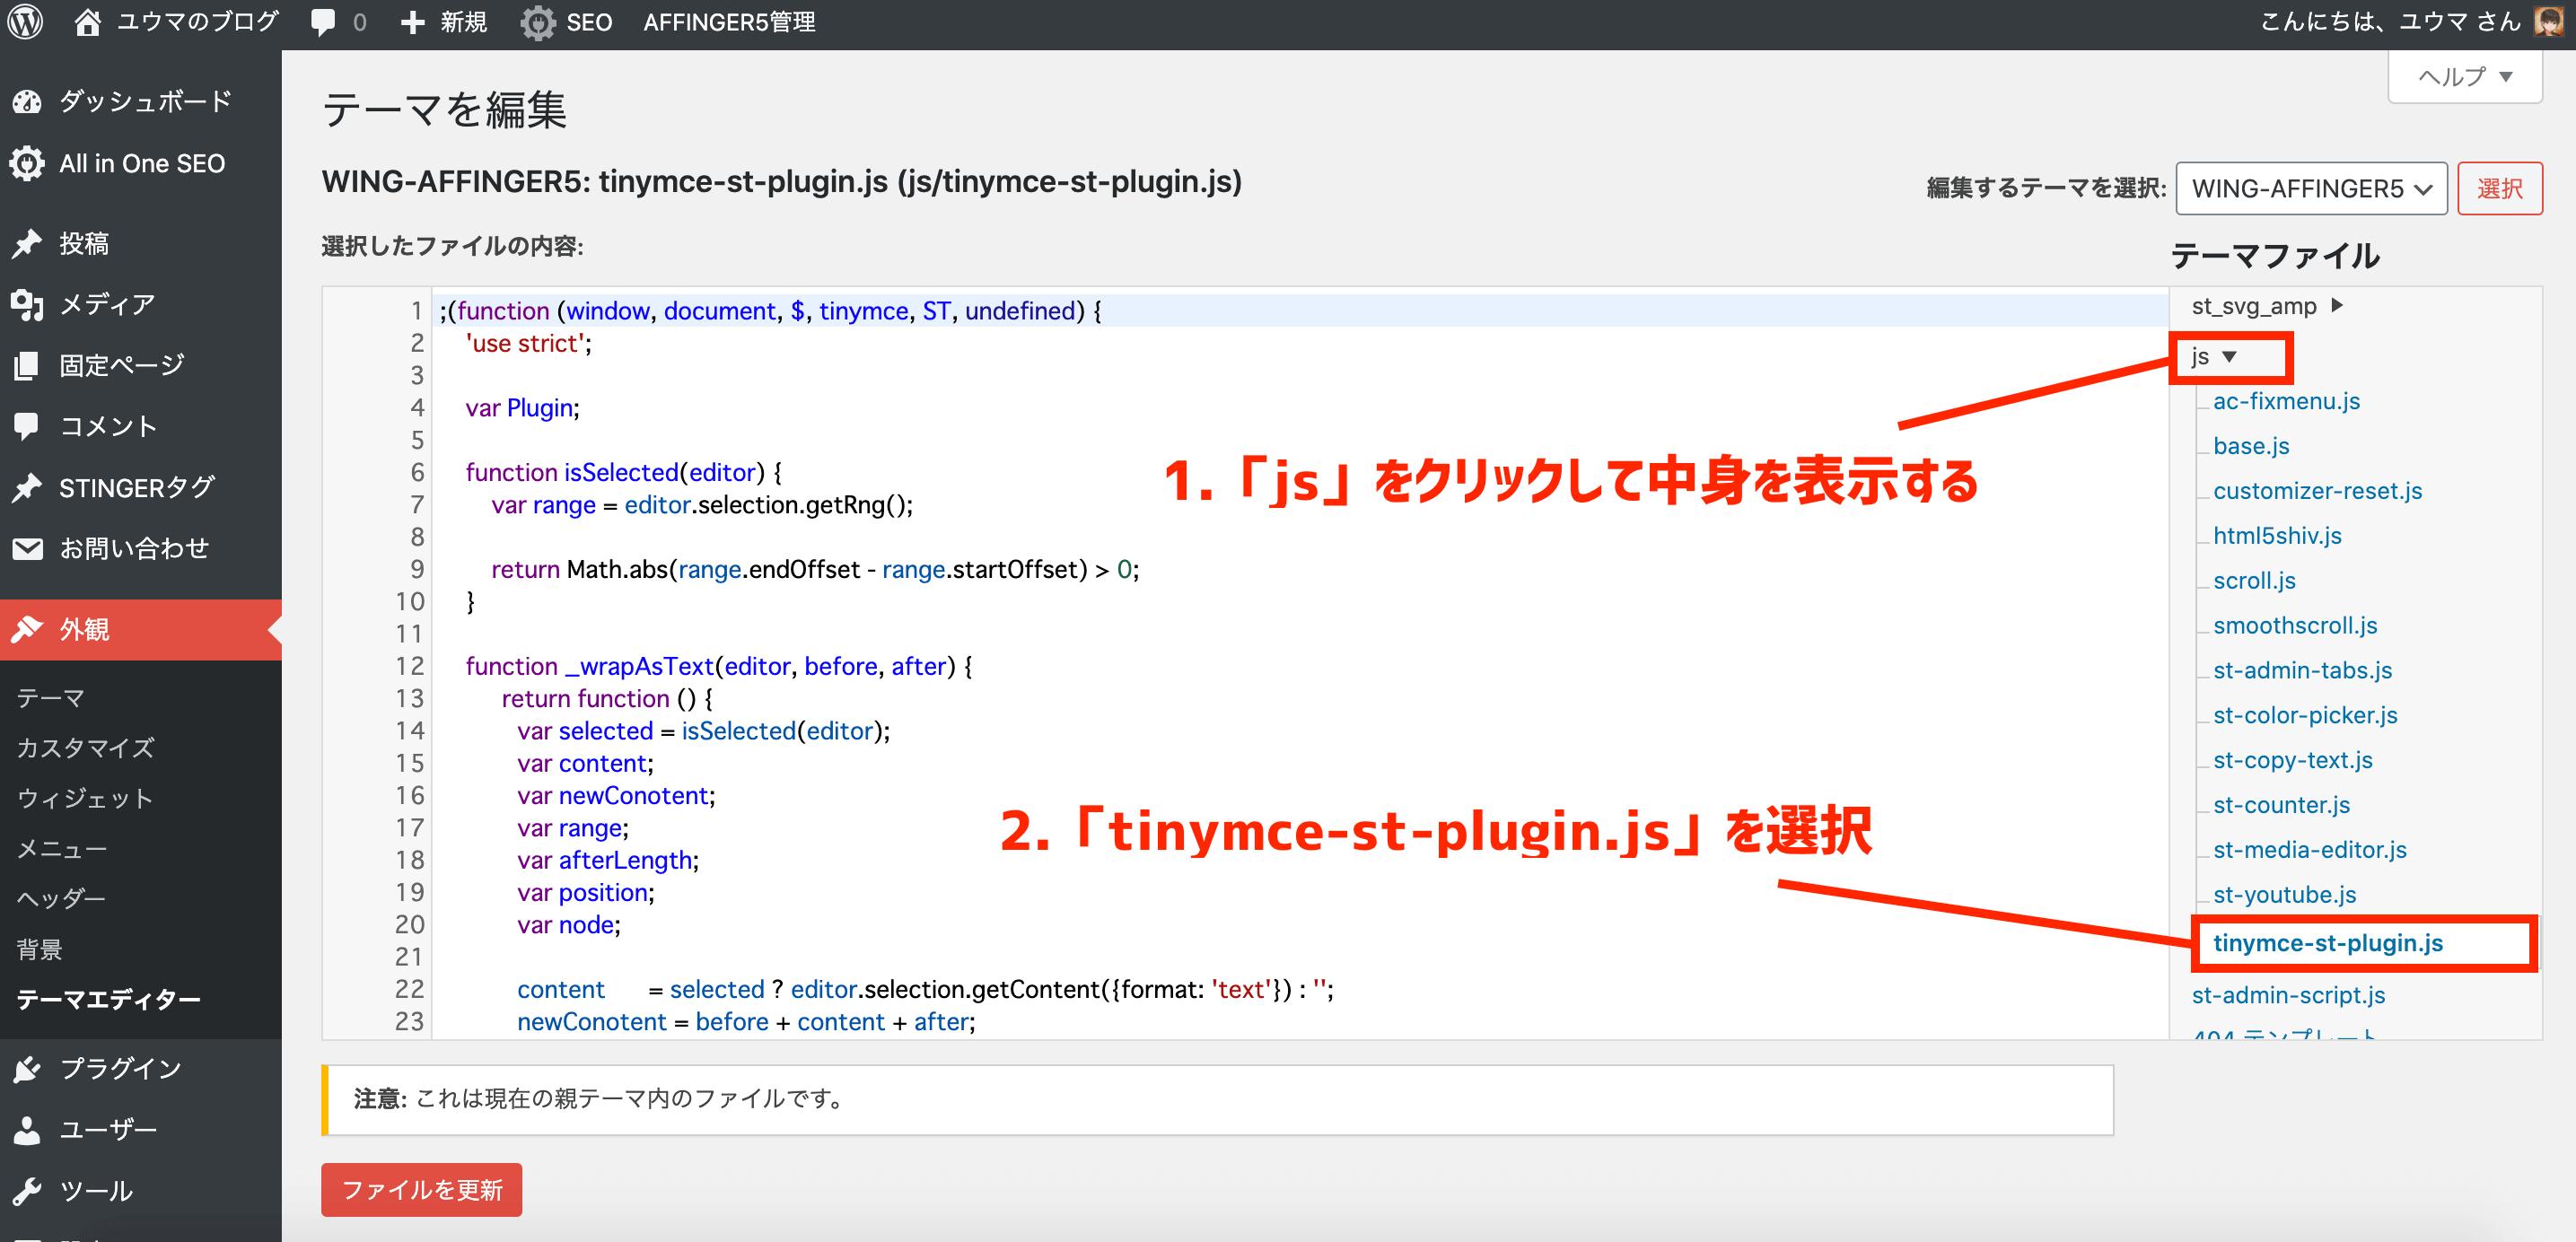 テーマファイル「tinymce-st-plugin.js」を選択